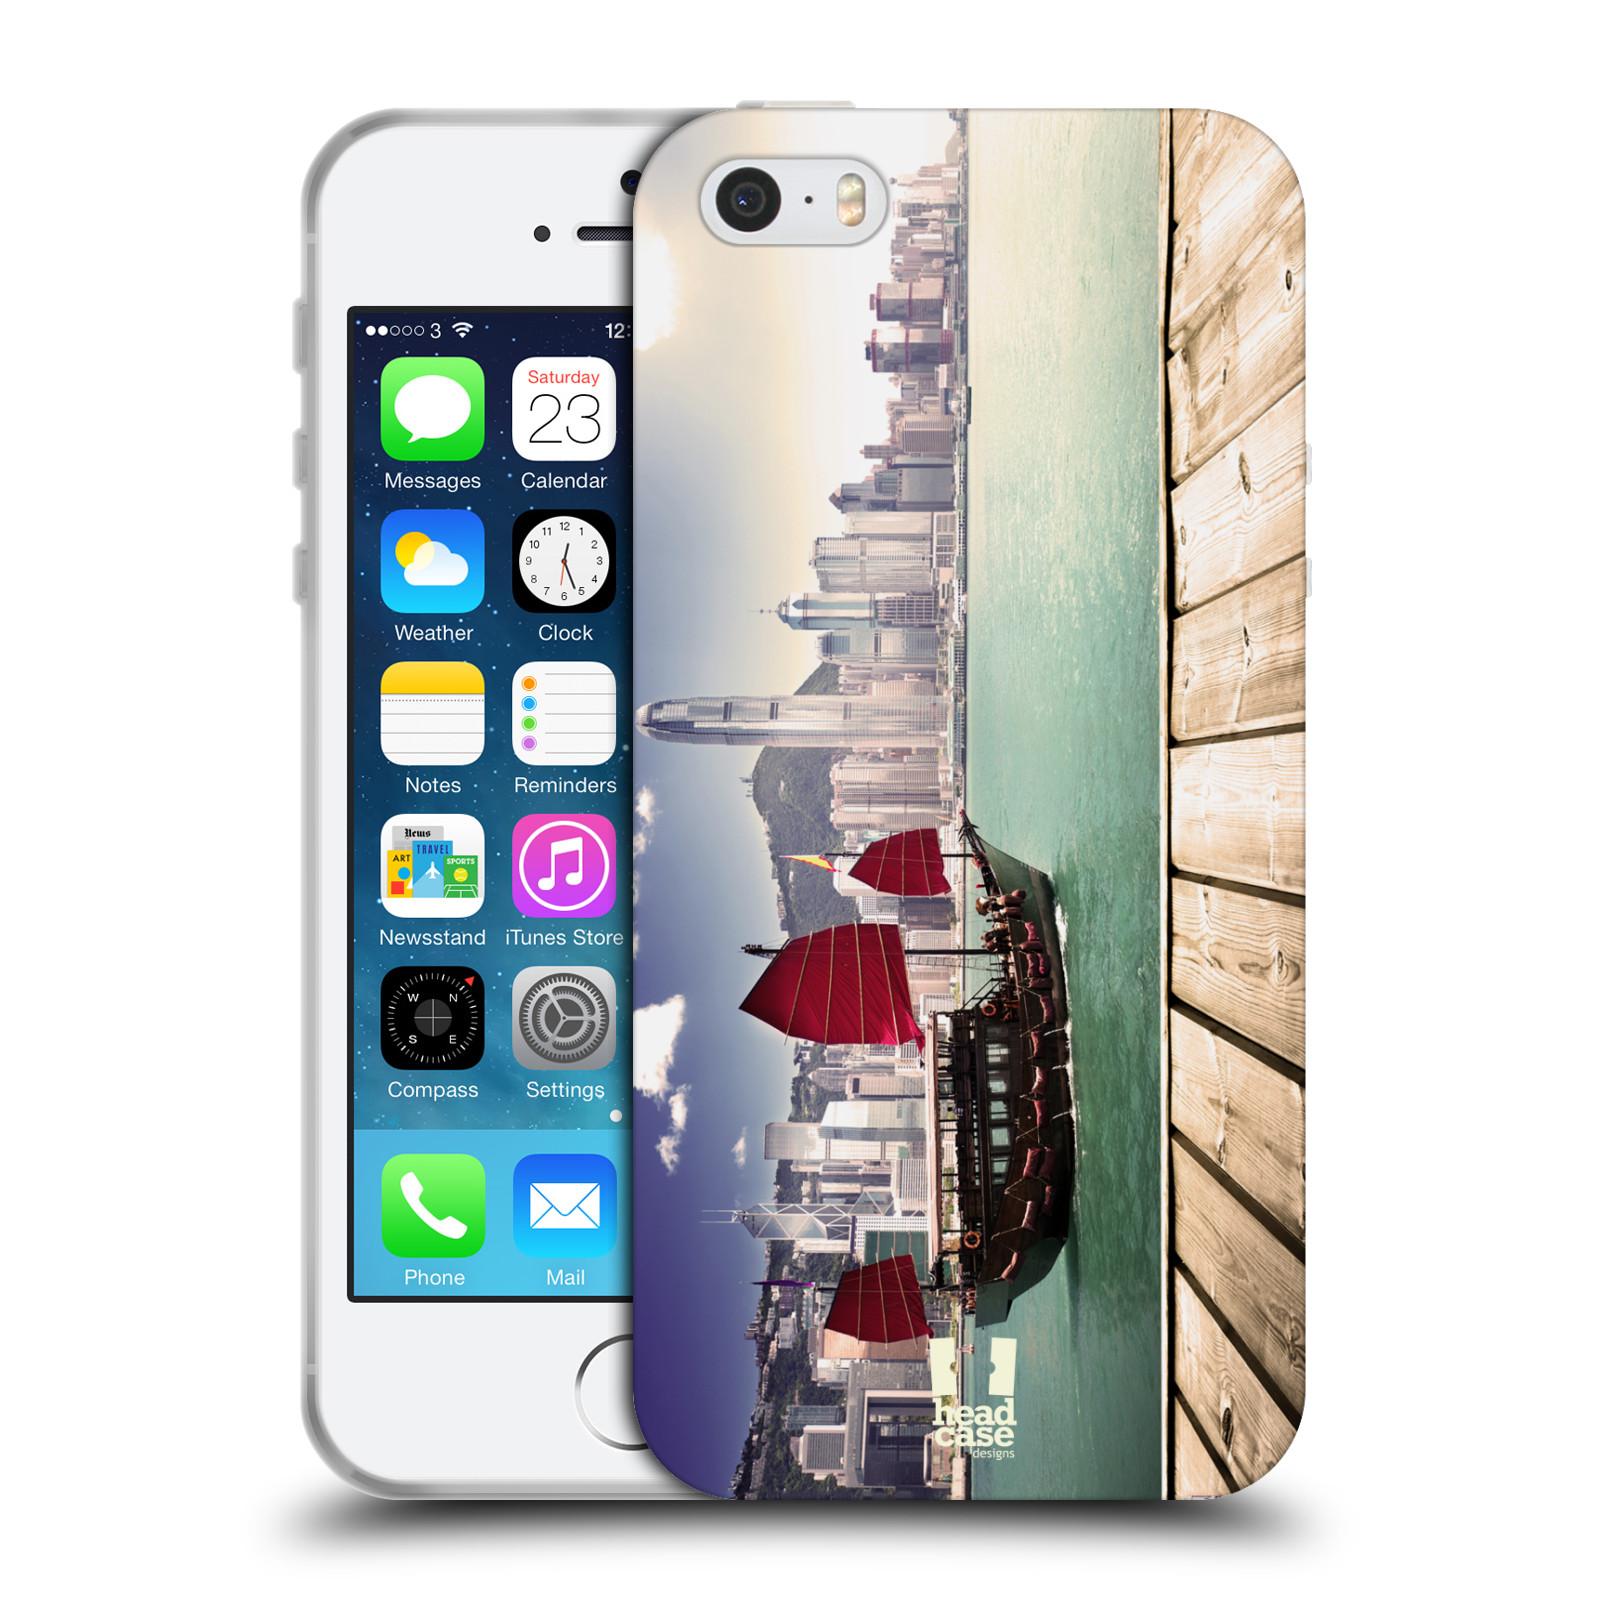 HEAD CASE silikonový obal na mobil Apple Iphone 5/5S vzor Města foto náměstí ČÍNA, HONG KONG, PŘÍSTAV